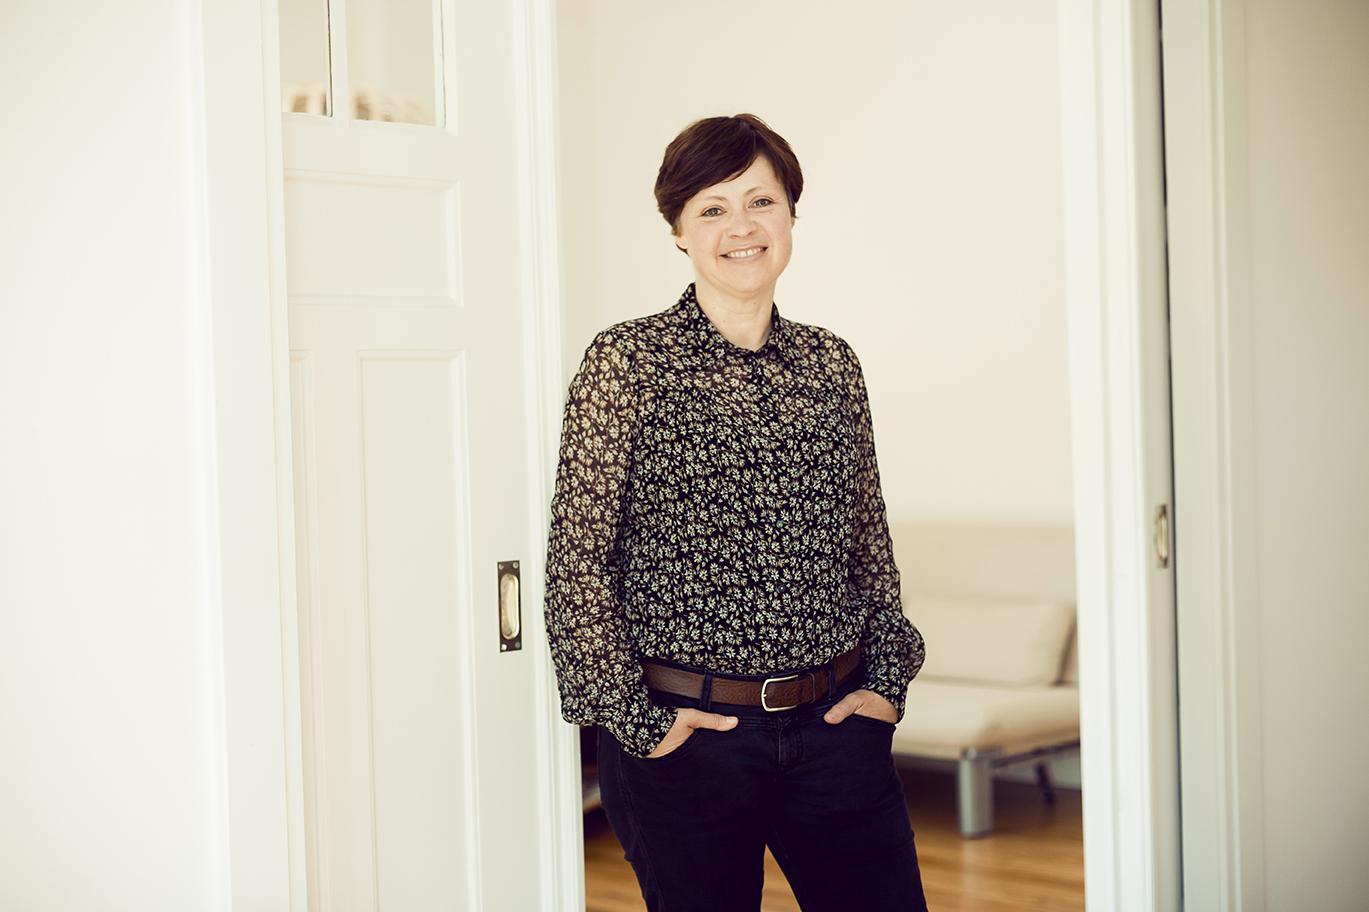 Anne Dillmann